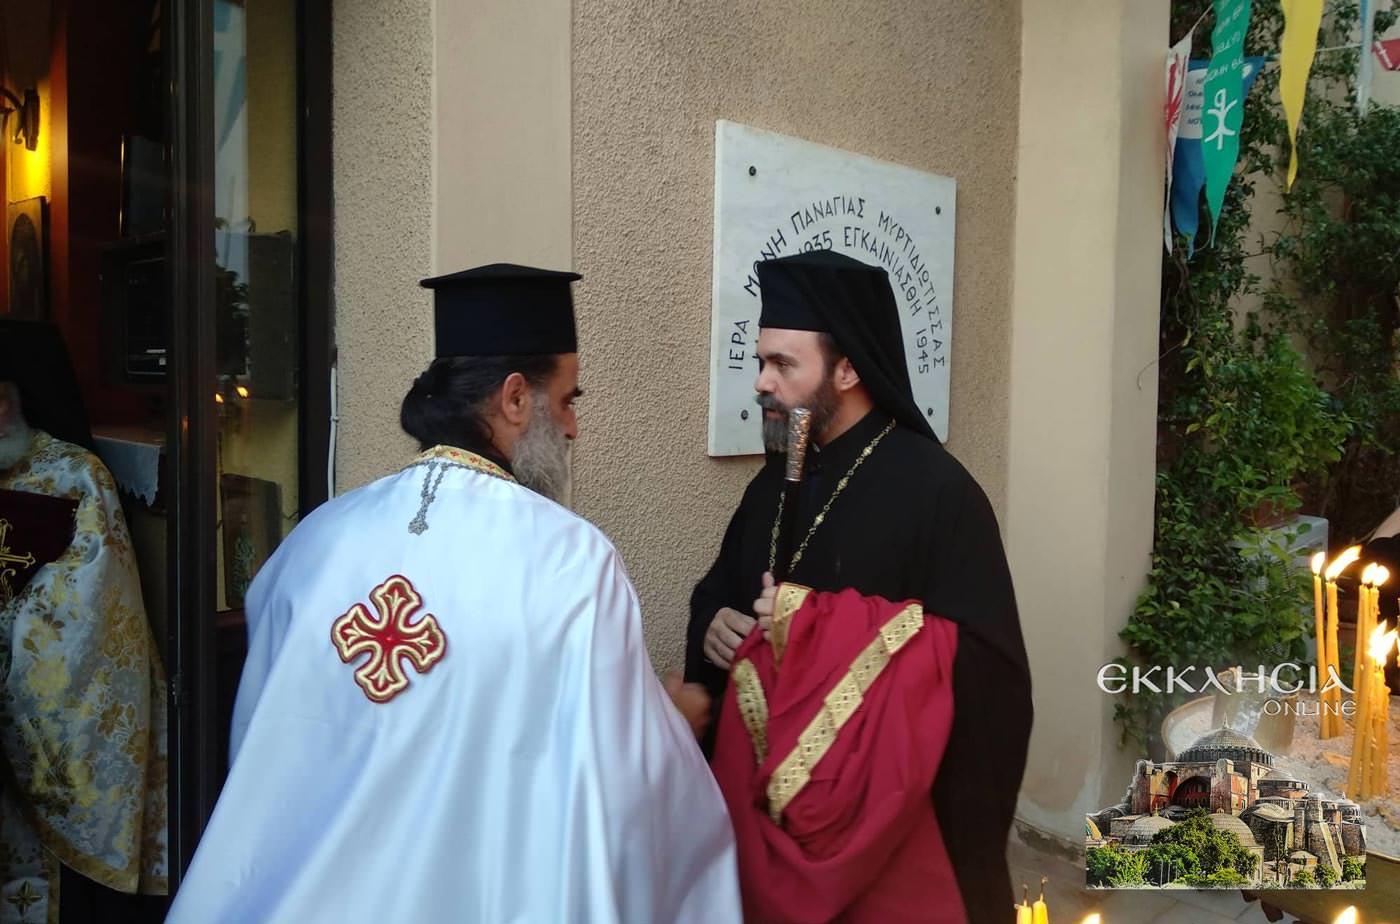 Ιερά Μονή Παναγίας Μυρτιδιωτίσσης γιορτή